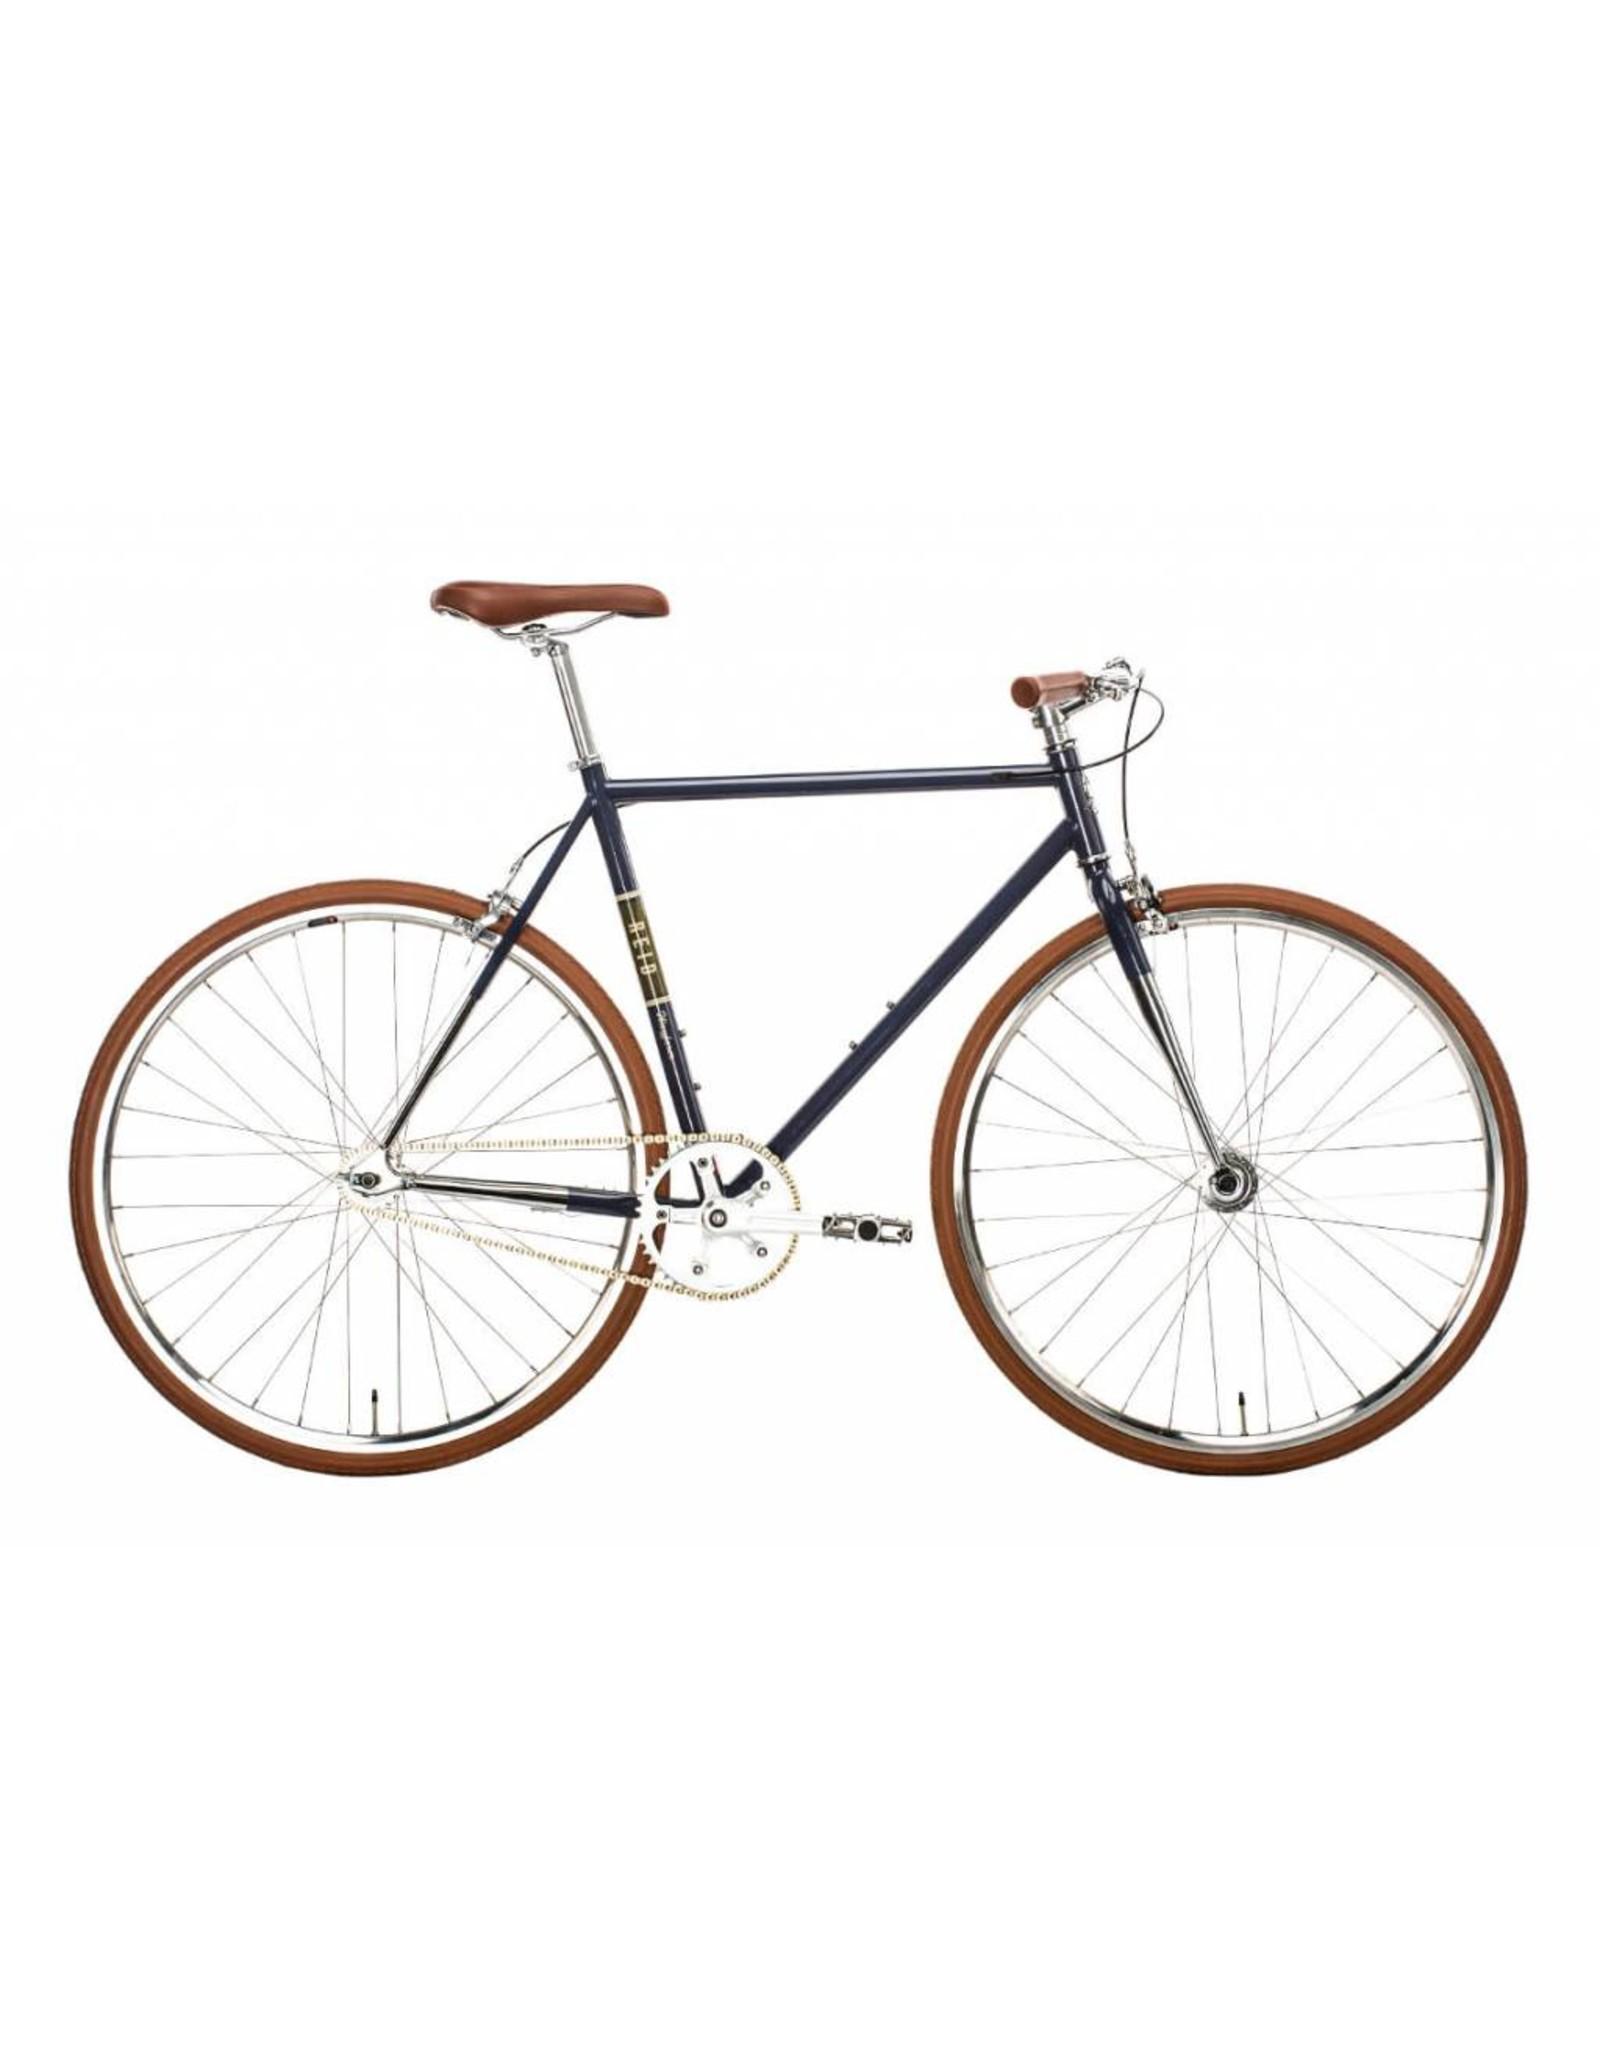 Reid Fixie / Single Speed Bike - REID Wayfarer